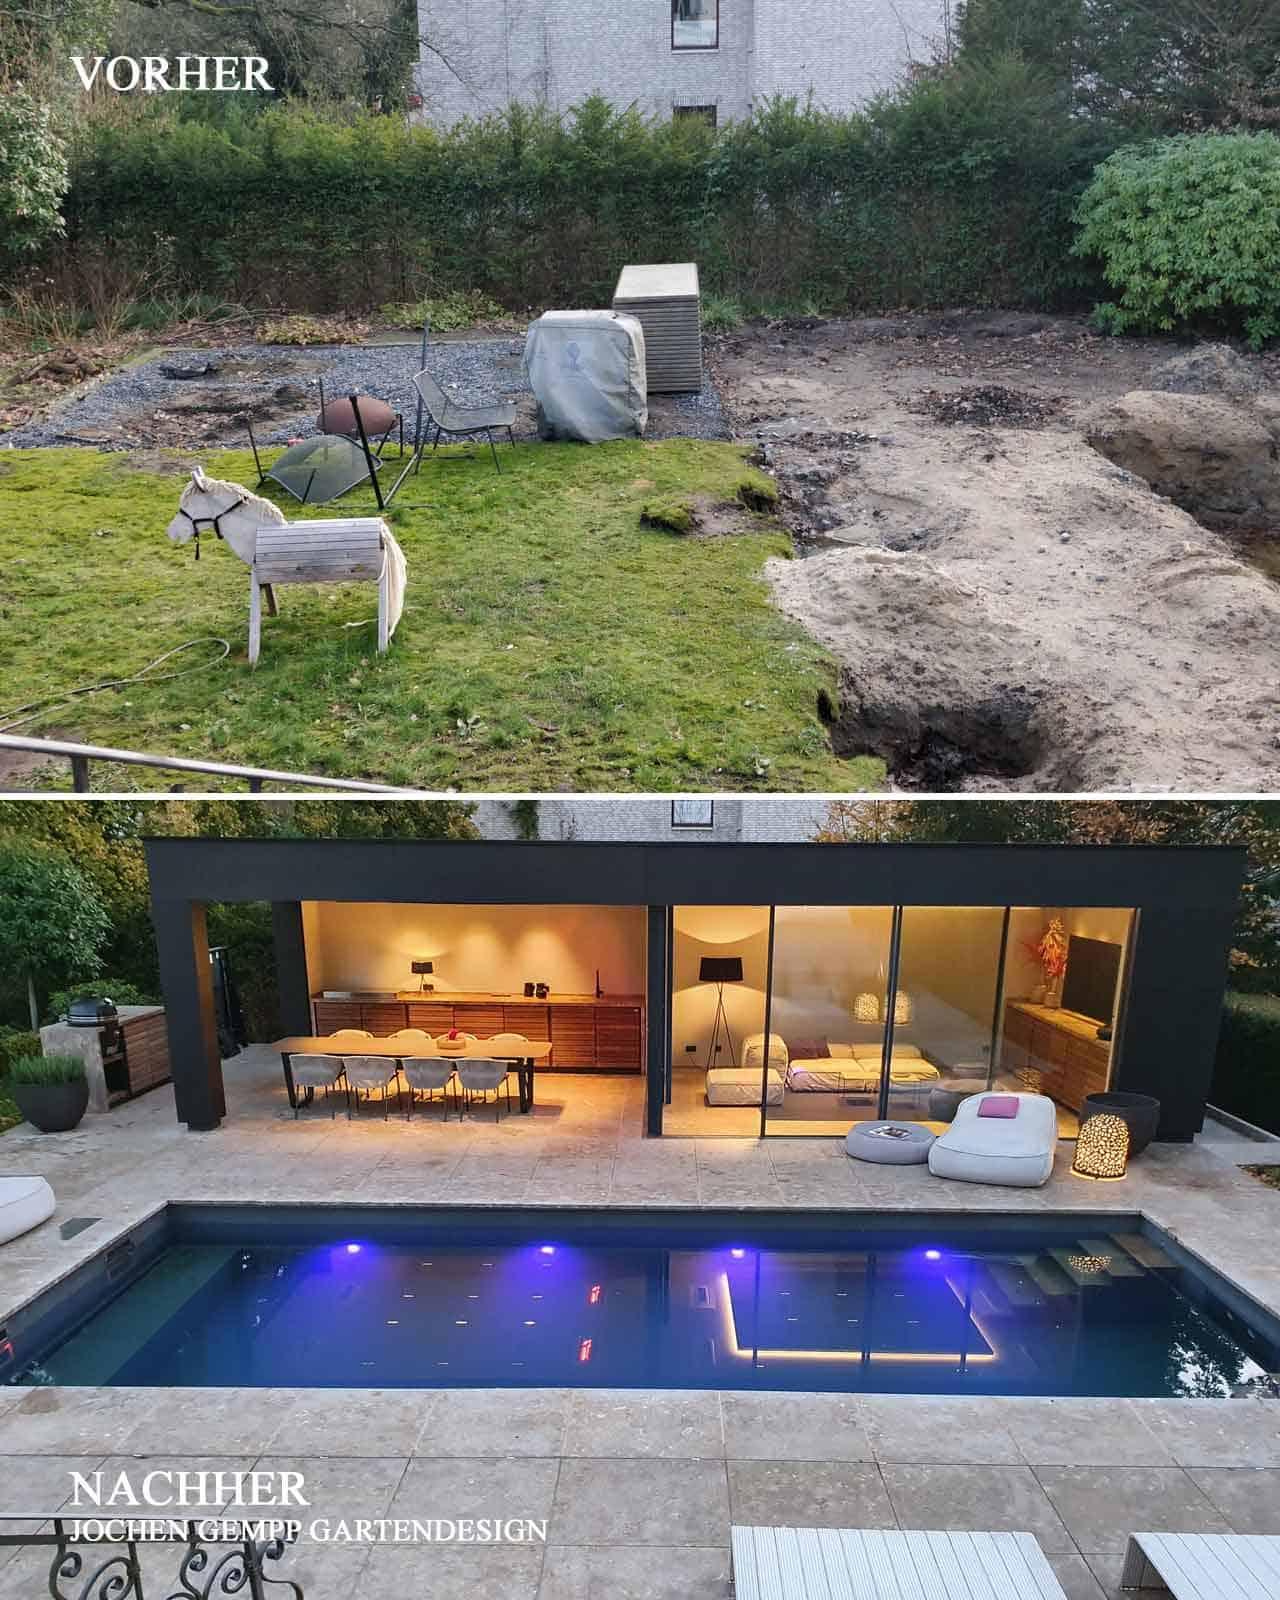 Poolhaus mit Pool im Garten Vorher Nachher